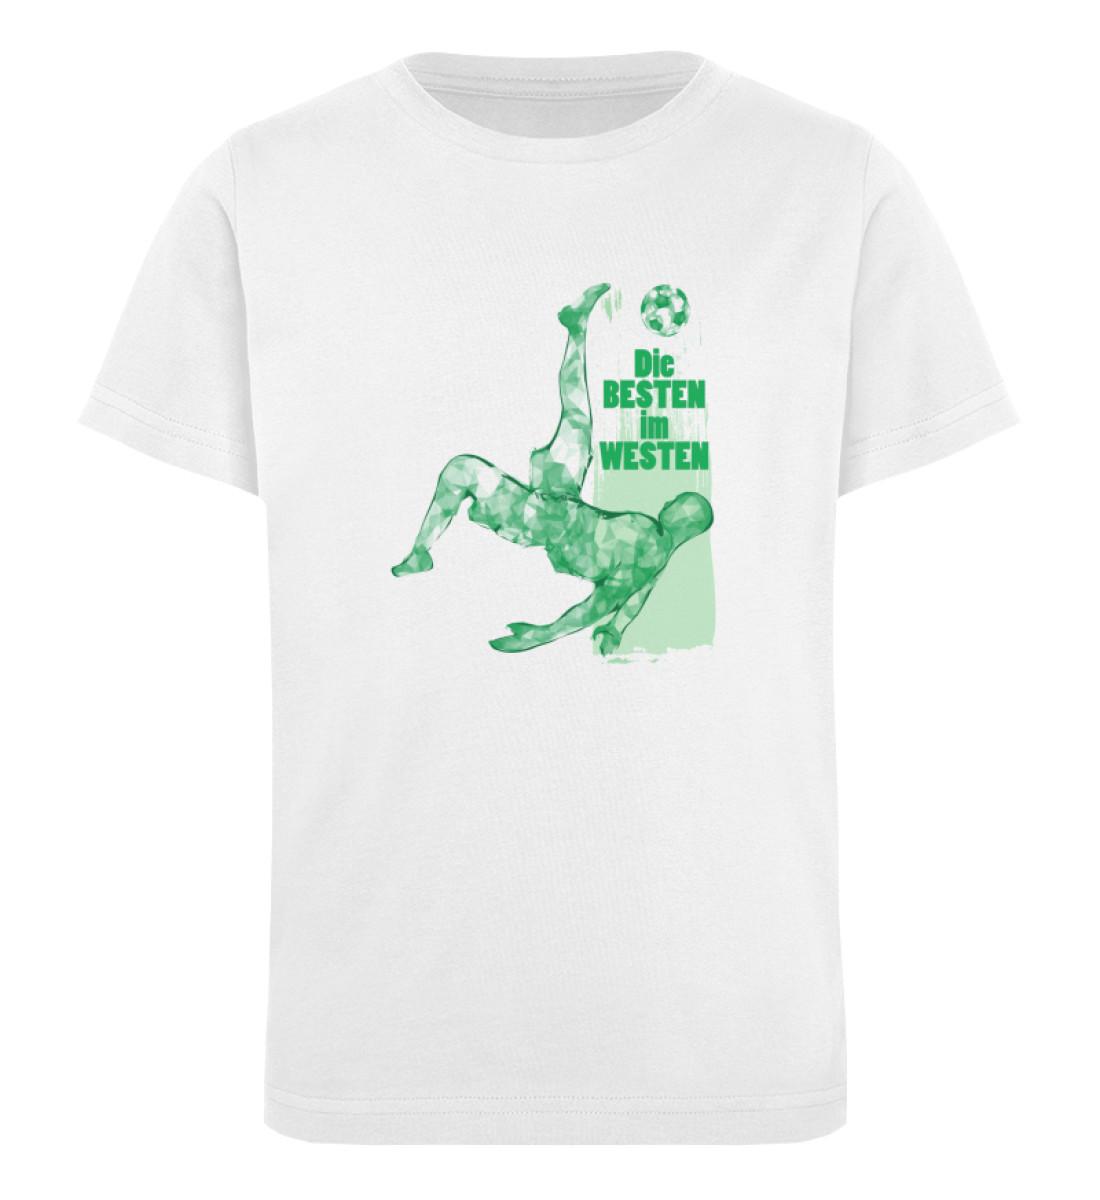 Die Besten im Westen - Kinder Organic T-Shirt-3